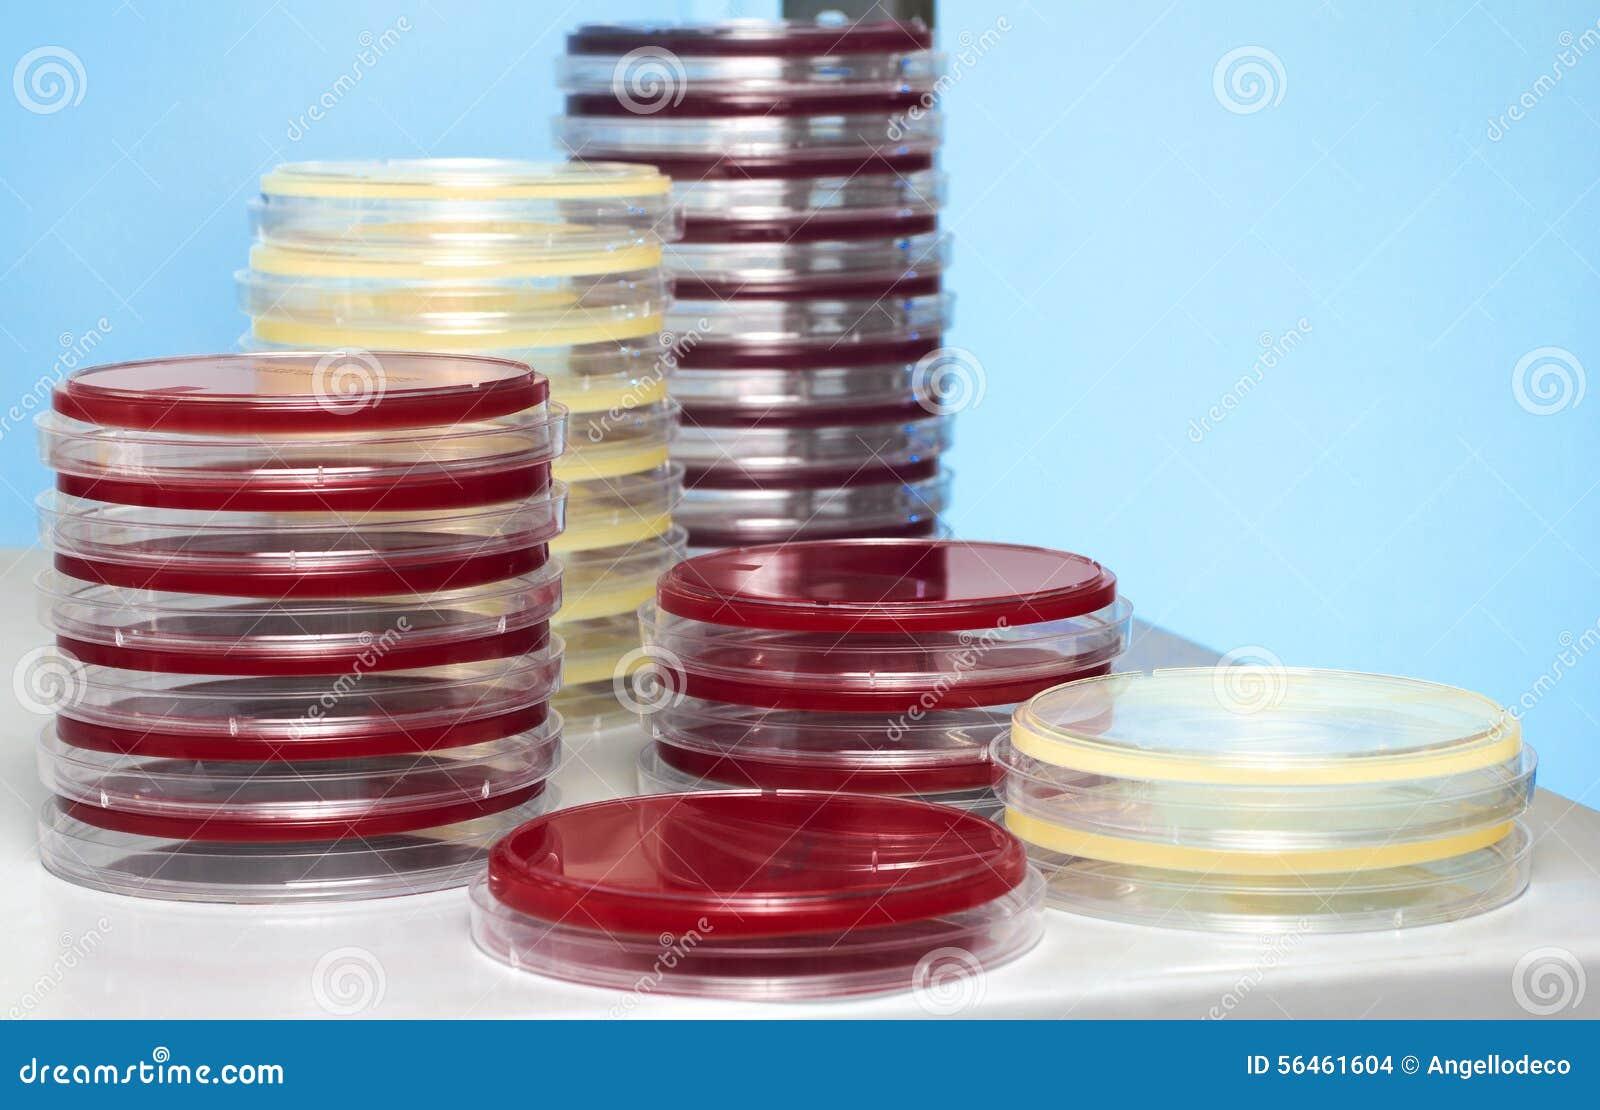 Banchi Da Lavoro Per Laboratorio Analisi : Capsule di petri impilate in banco da lavoro del laboratorio